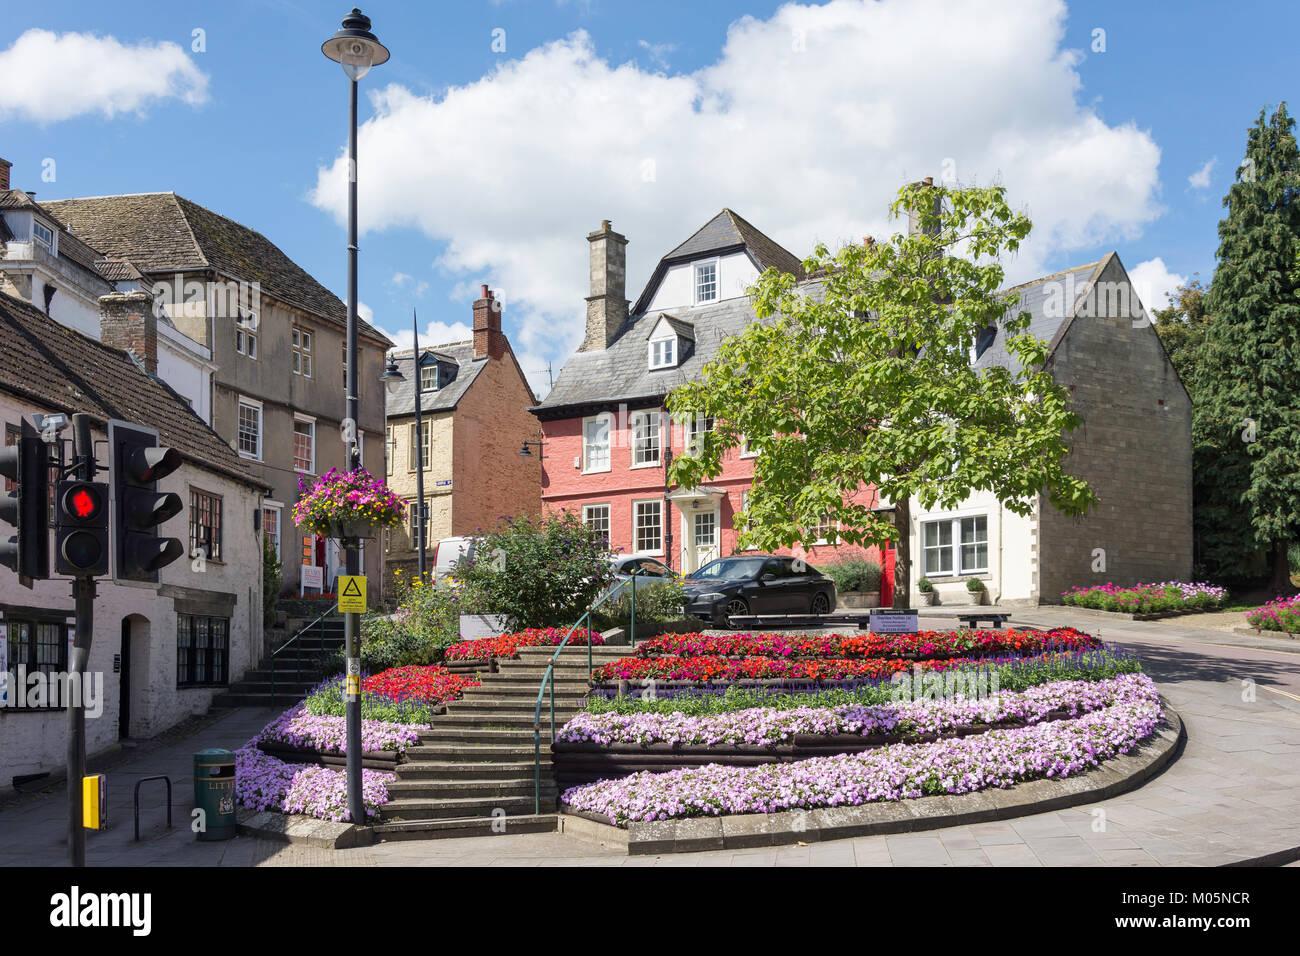 Maisons d'époque sur Castle Street, Market Hill, Calne, Wiltshire, Angleterre, Royaume-Uni Photo Stock